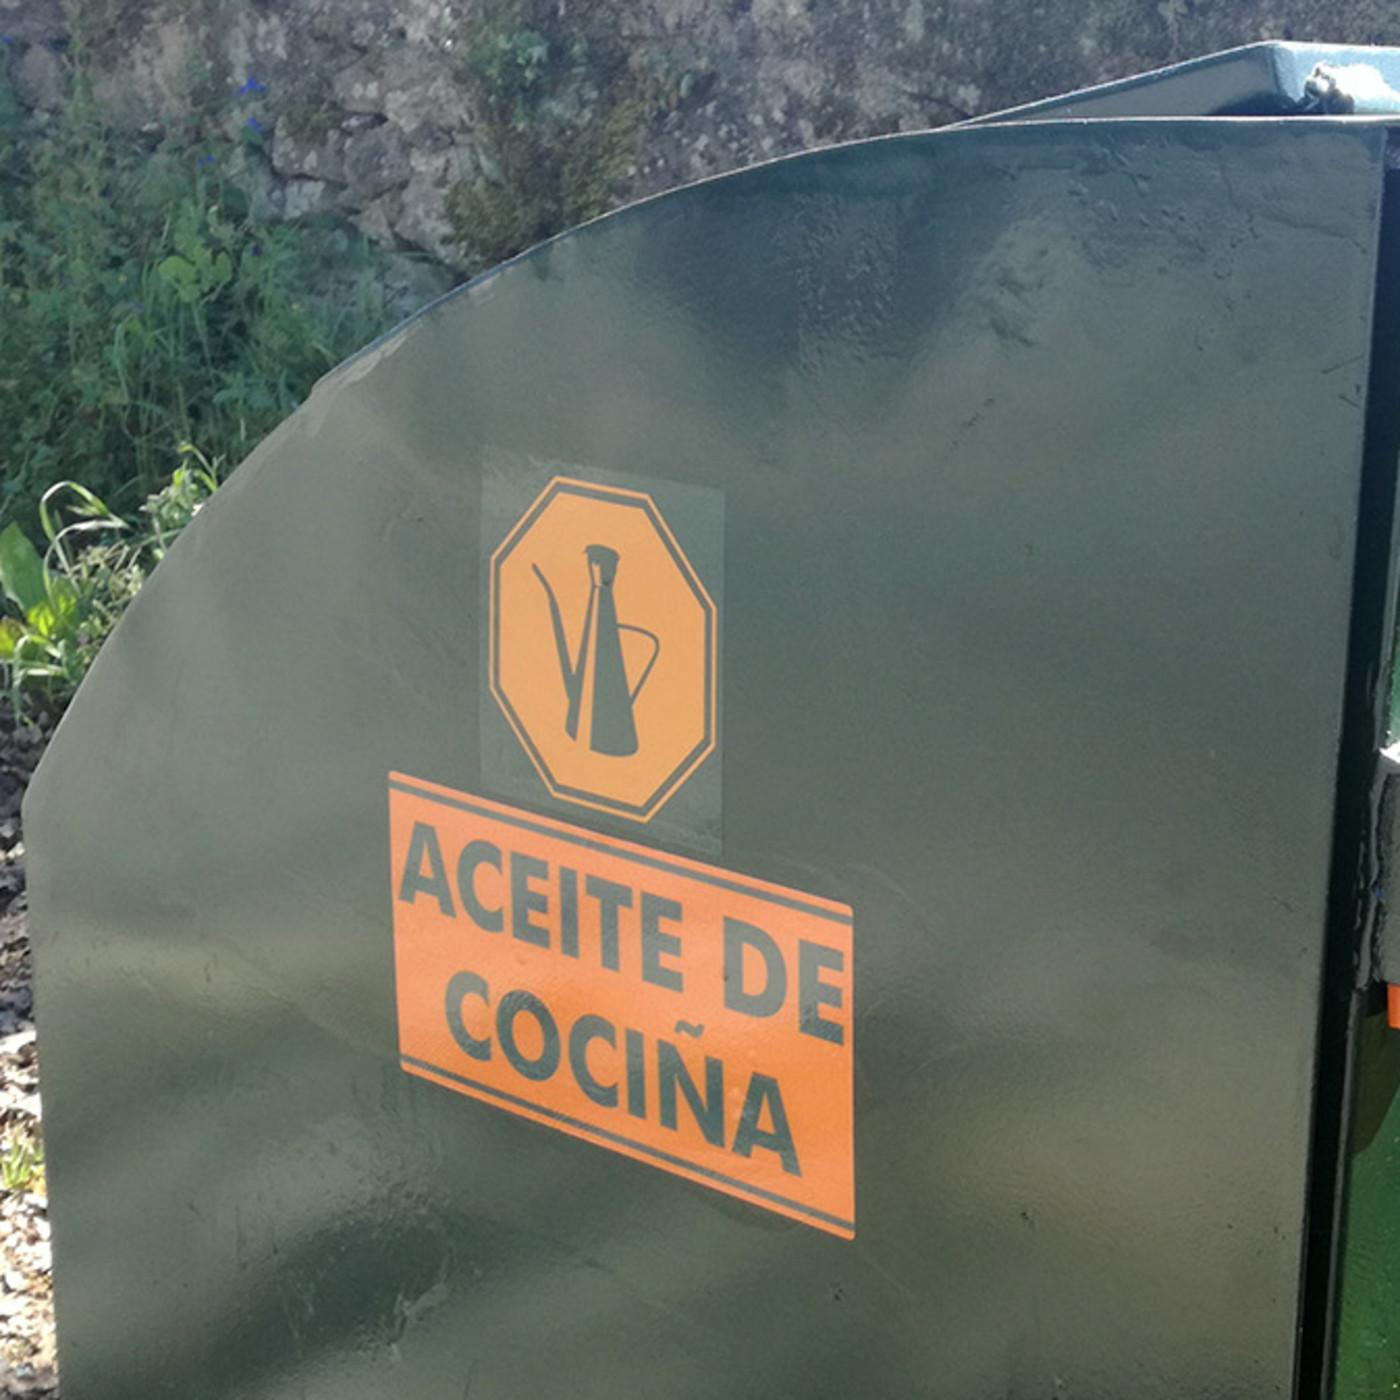 Tui conta con 17 colectores de aceite de coci a usado 7 - Aceite usado de cocina ...